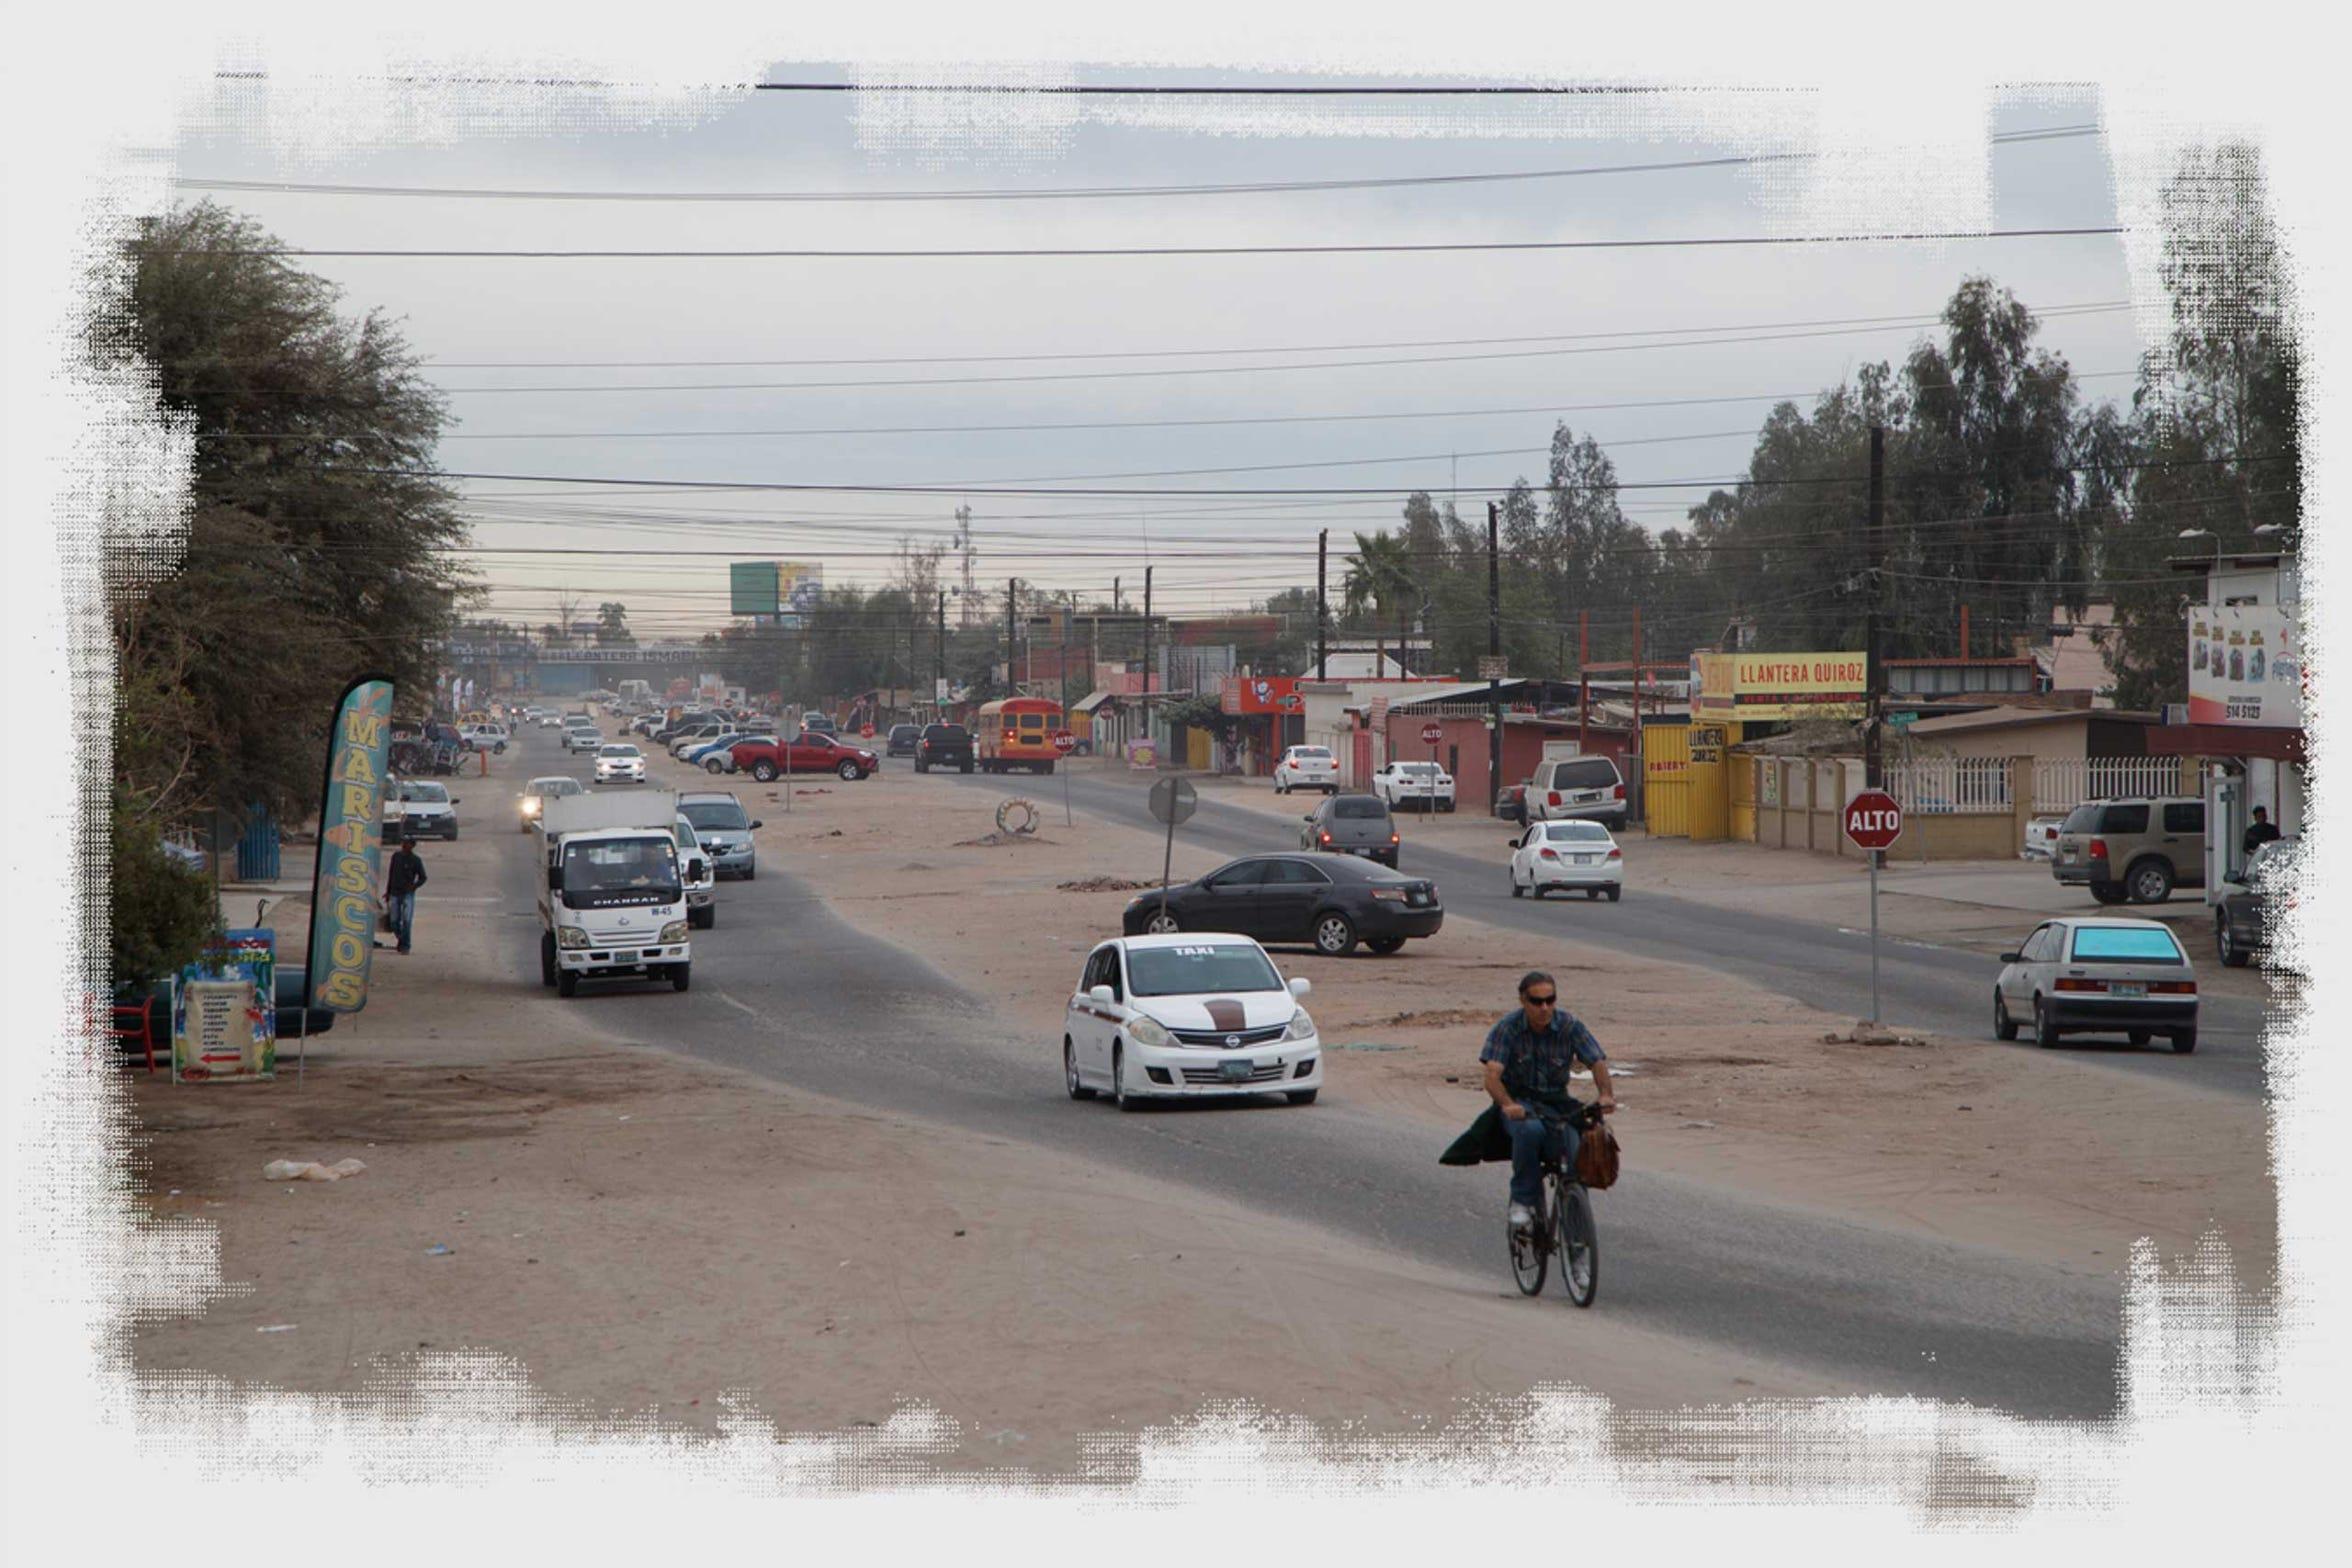 Un hombre circula en bicicleta en una concurrida calle de la Colonia Vicente Guerrero en Mexicali.